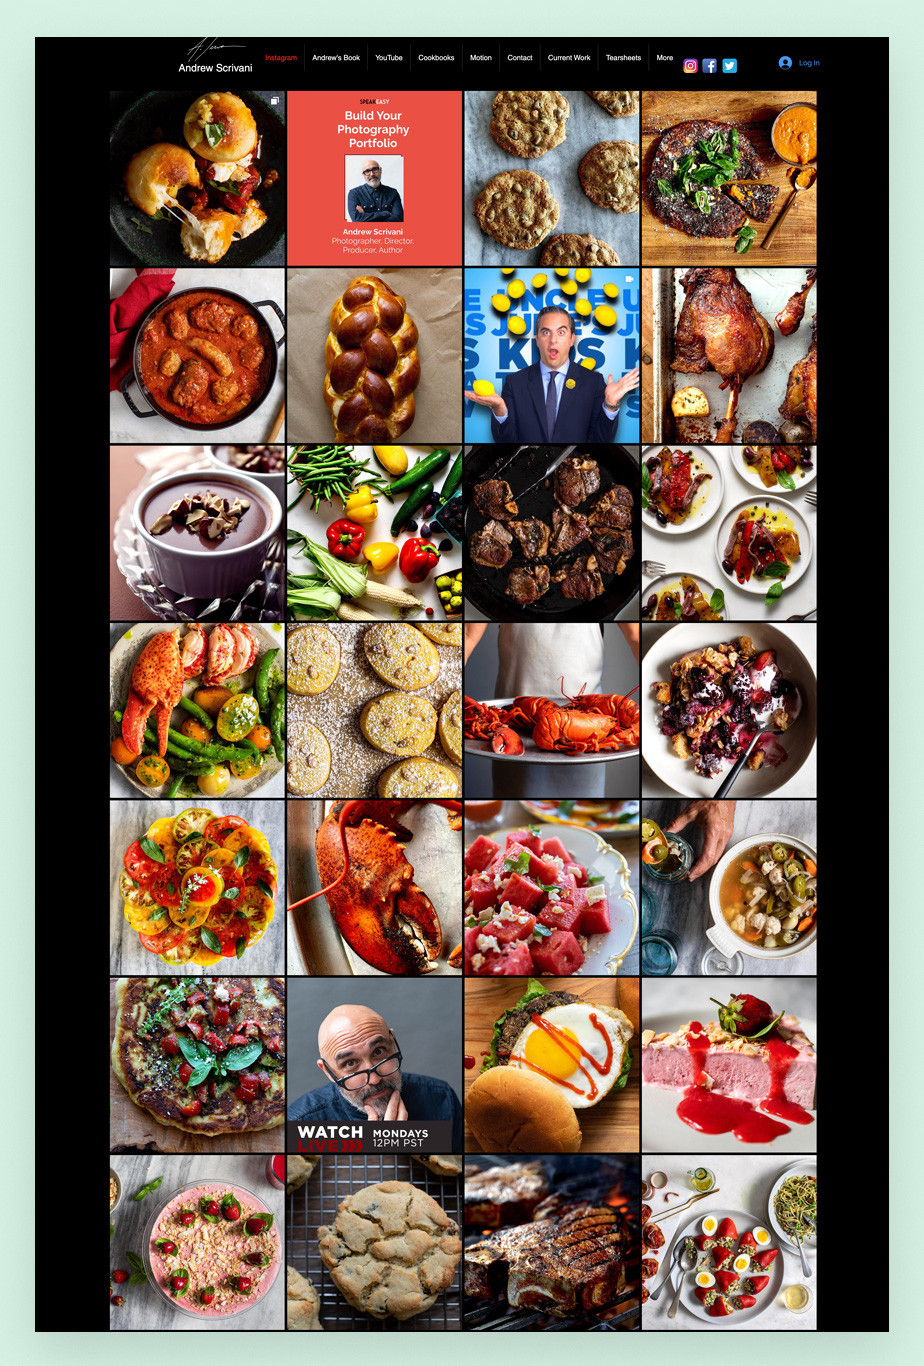 Screenshot da página inicial do site de portfolio do fotógrafo de gastronomia Andrew Scriviani